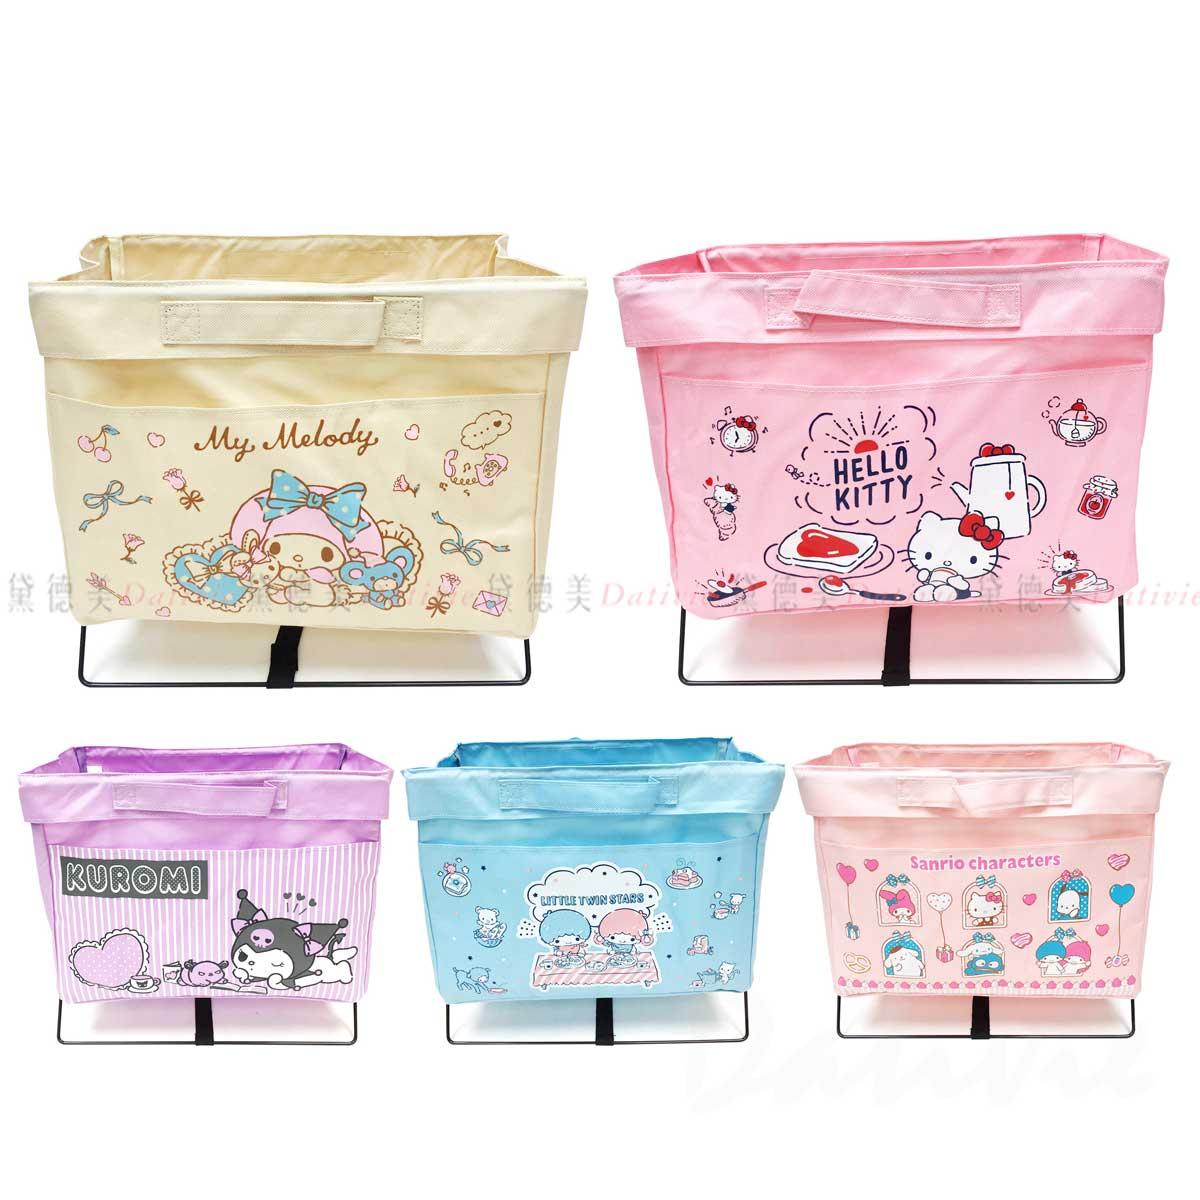 摺疊收納籃-凱蒂貓 酷洛米 美樂蒂 雙子星 角色大集合 Foldable Storage Basket 三麗鷗 Sanrio Original日本進口正版授權